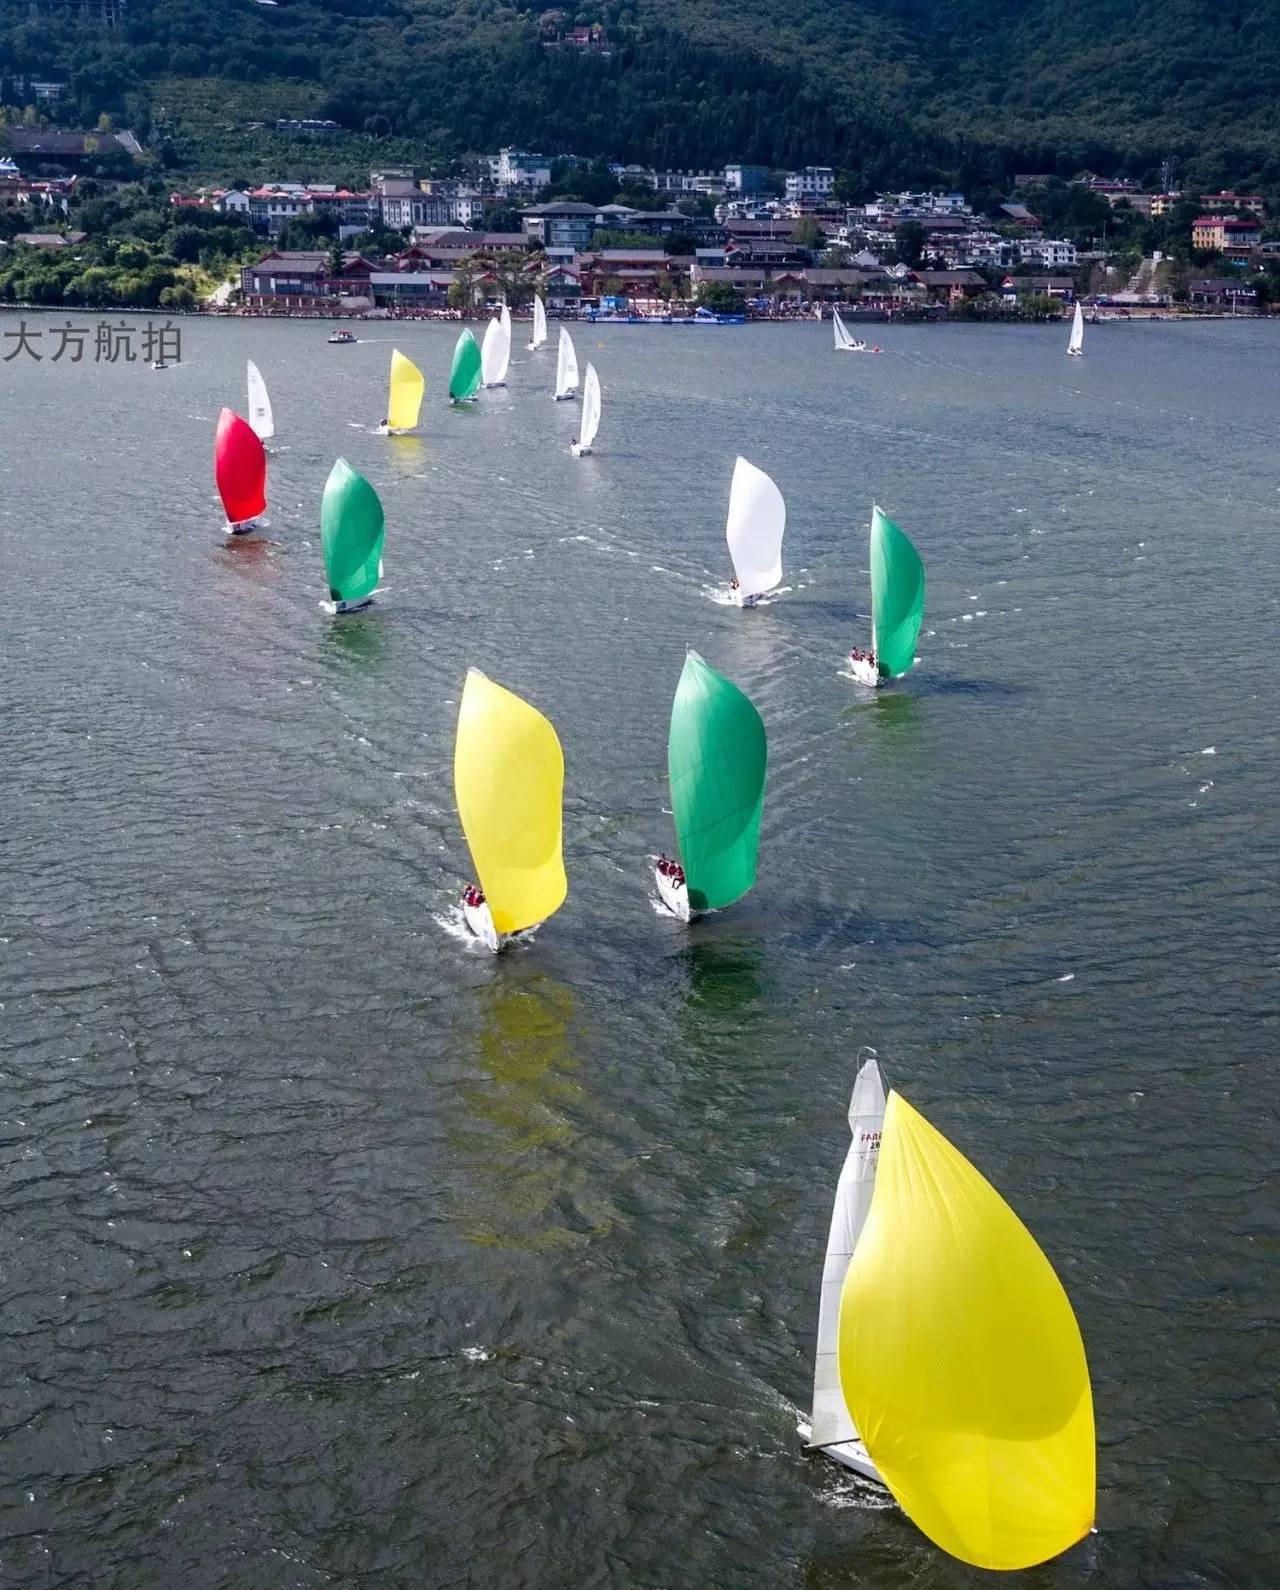 邛海帆船赛第三日:好风助力精彩纷呈 c2a9c5bf643f23c11c51f77ae6600032.jpg